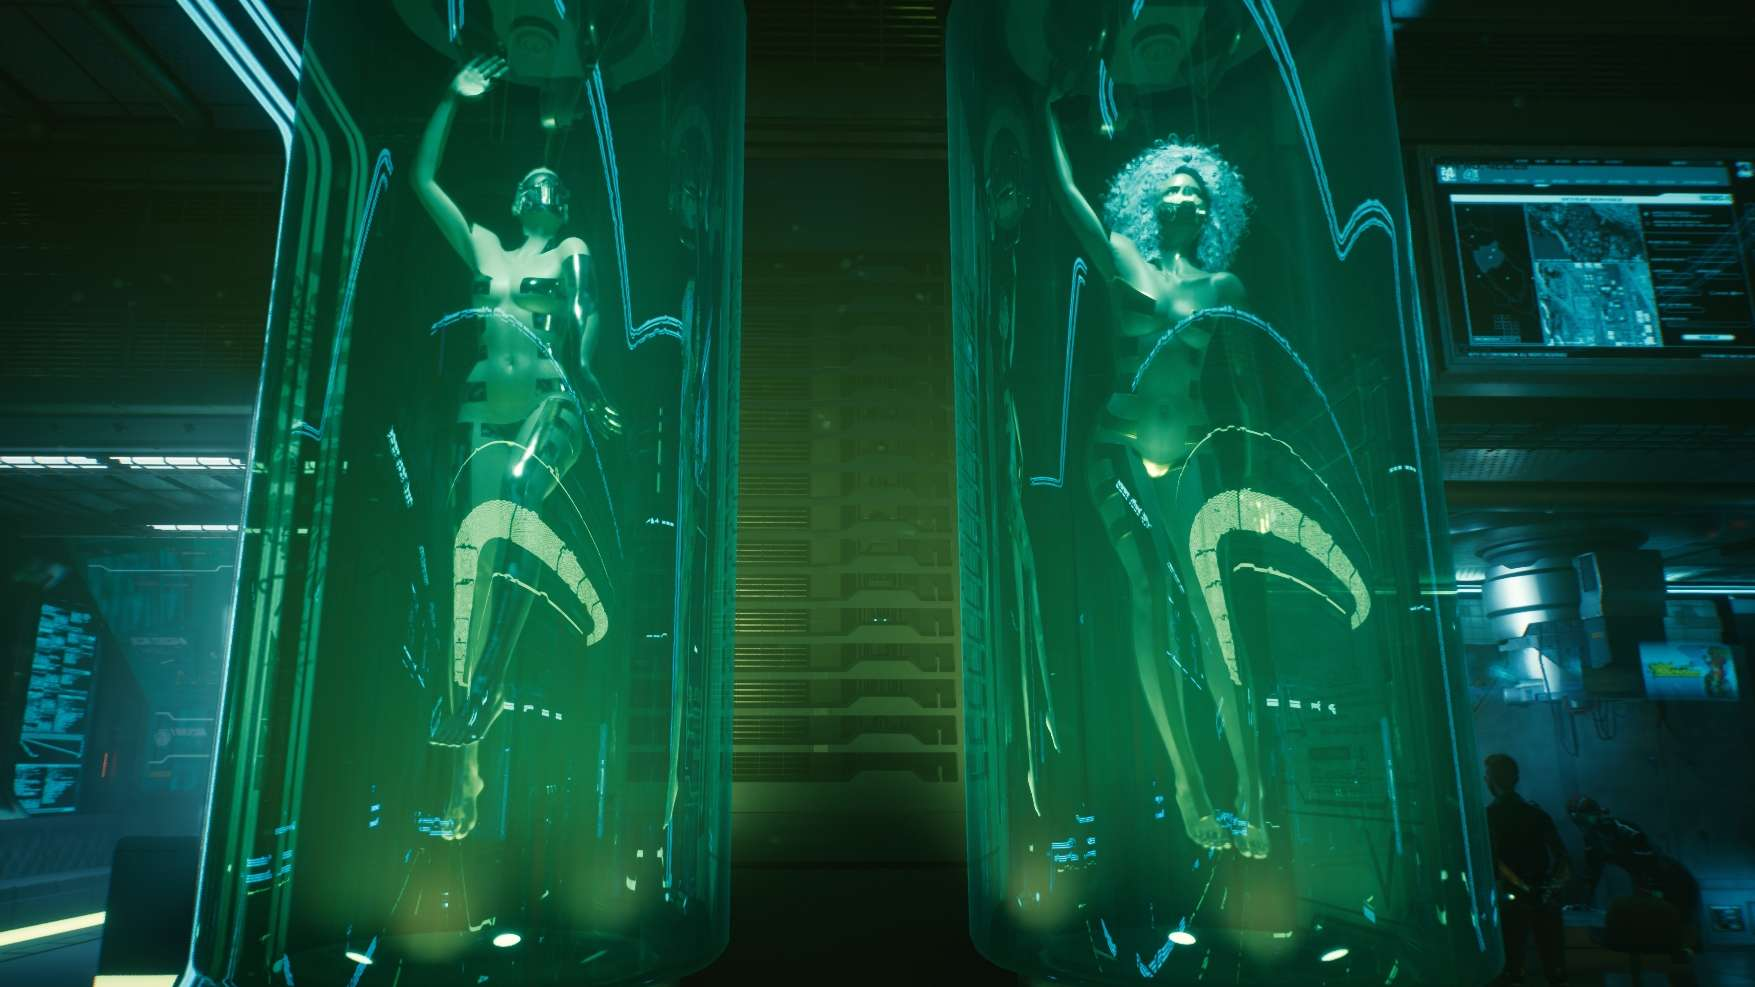 Cyberpunk 2077 Sex-Kolumne zwei Frauen in Plastikröhren mit teilweise abgeklebtem nackten Körper